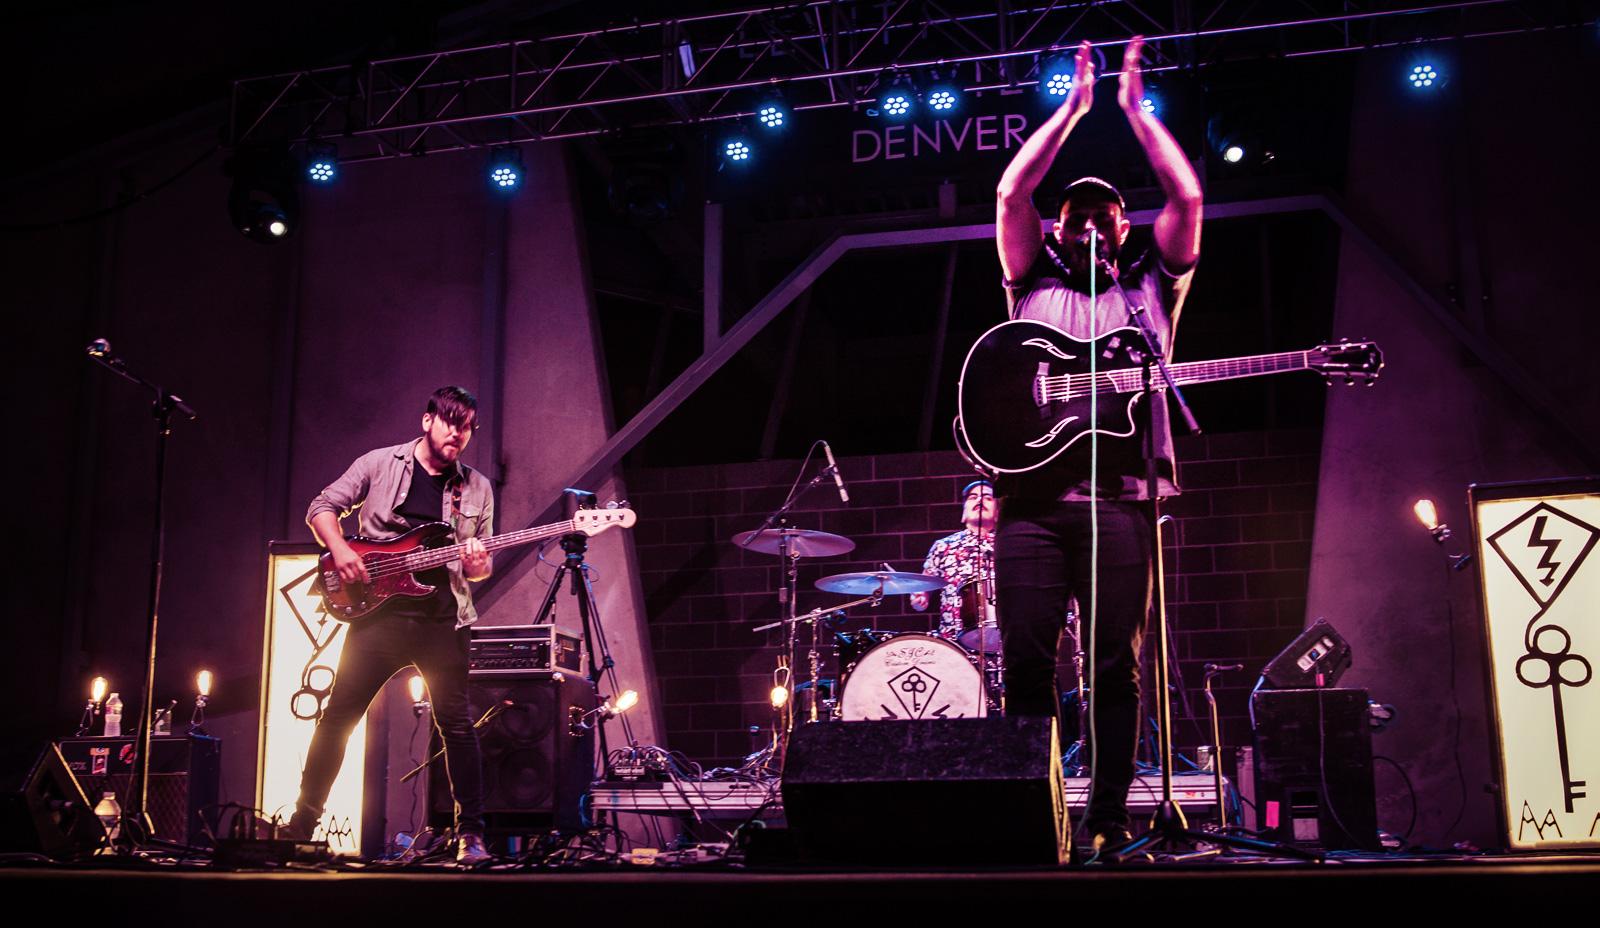 My Body Sings Electric Concert Photos - Levitt Pavilion Denver